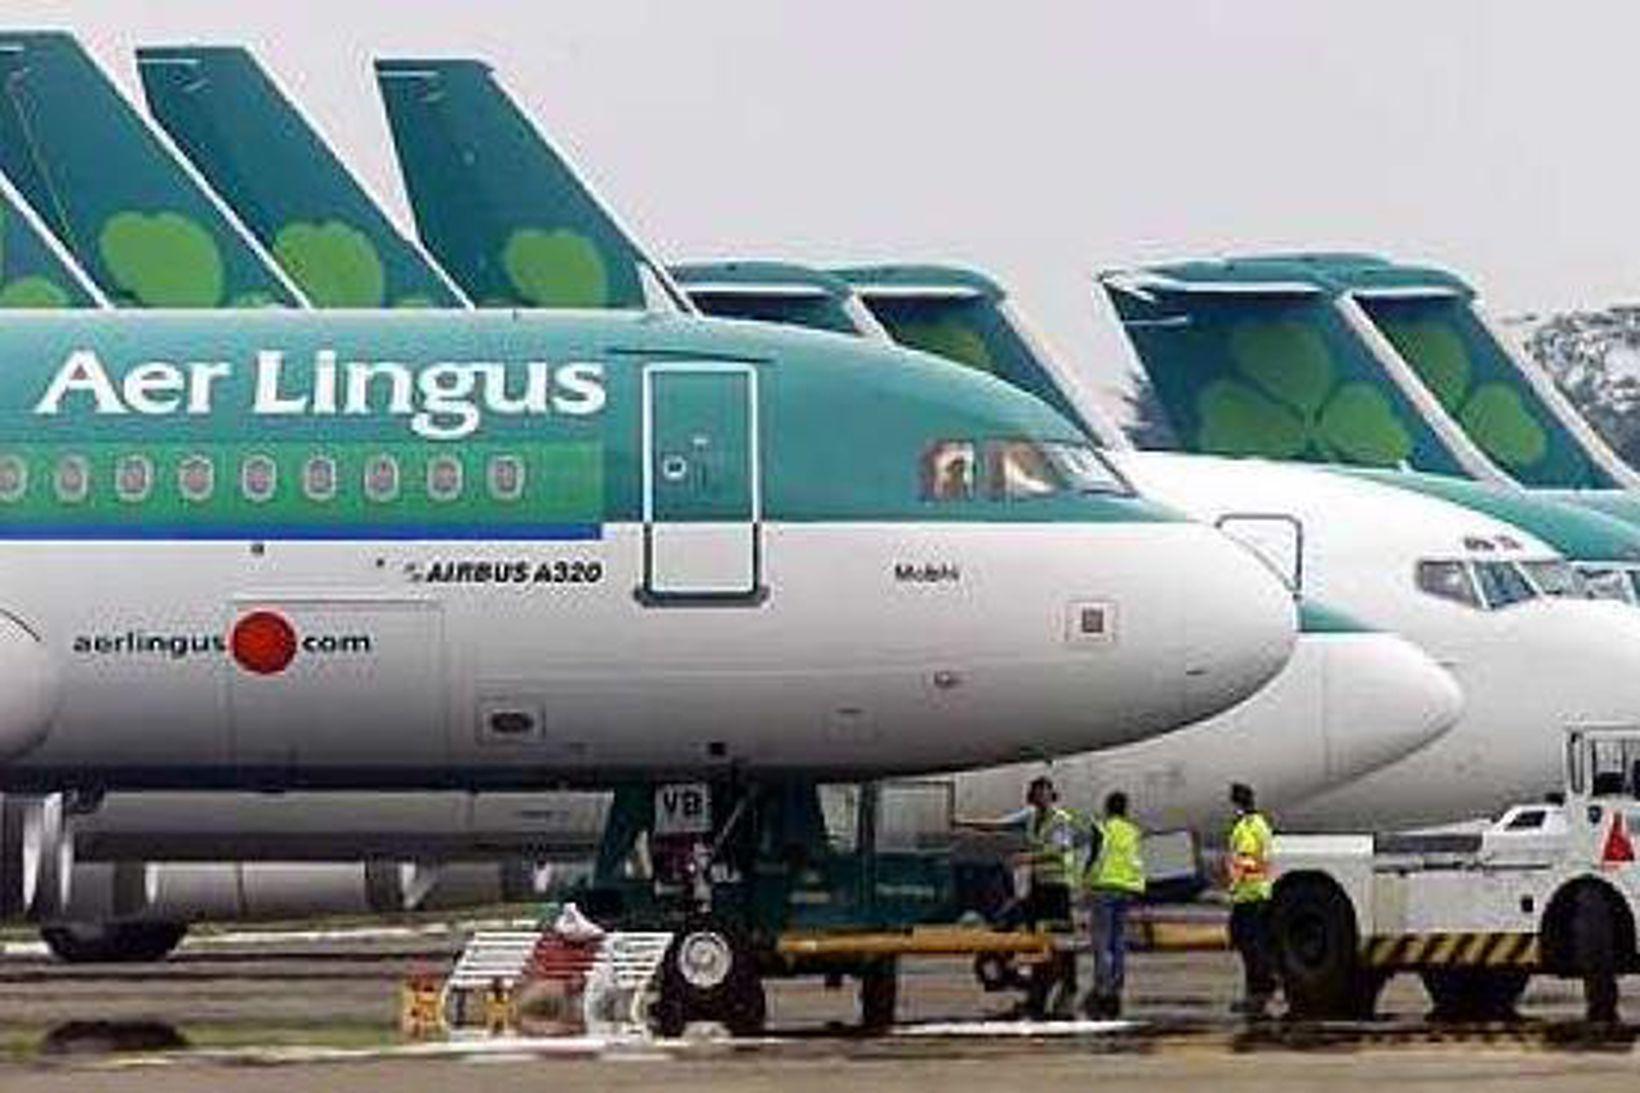 Flugmaður hjá Aer Lingus stakk upp á því að gefa …